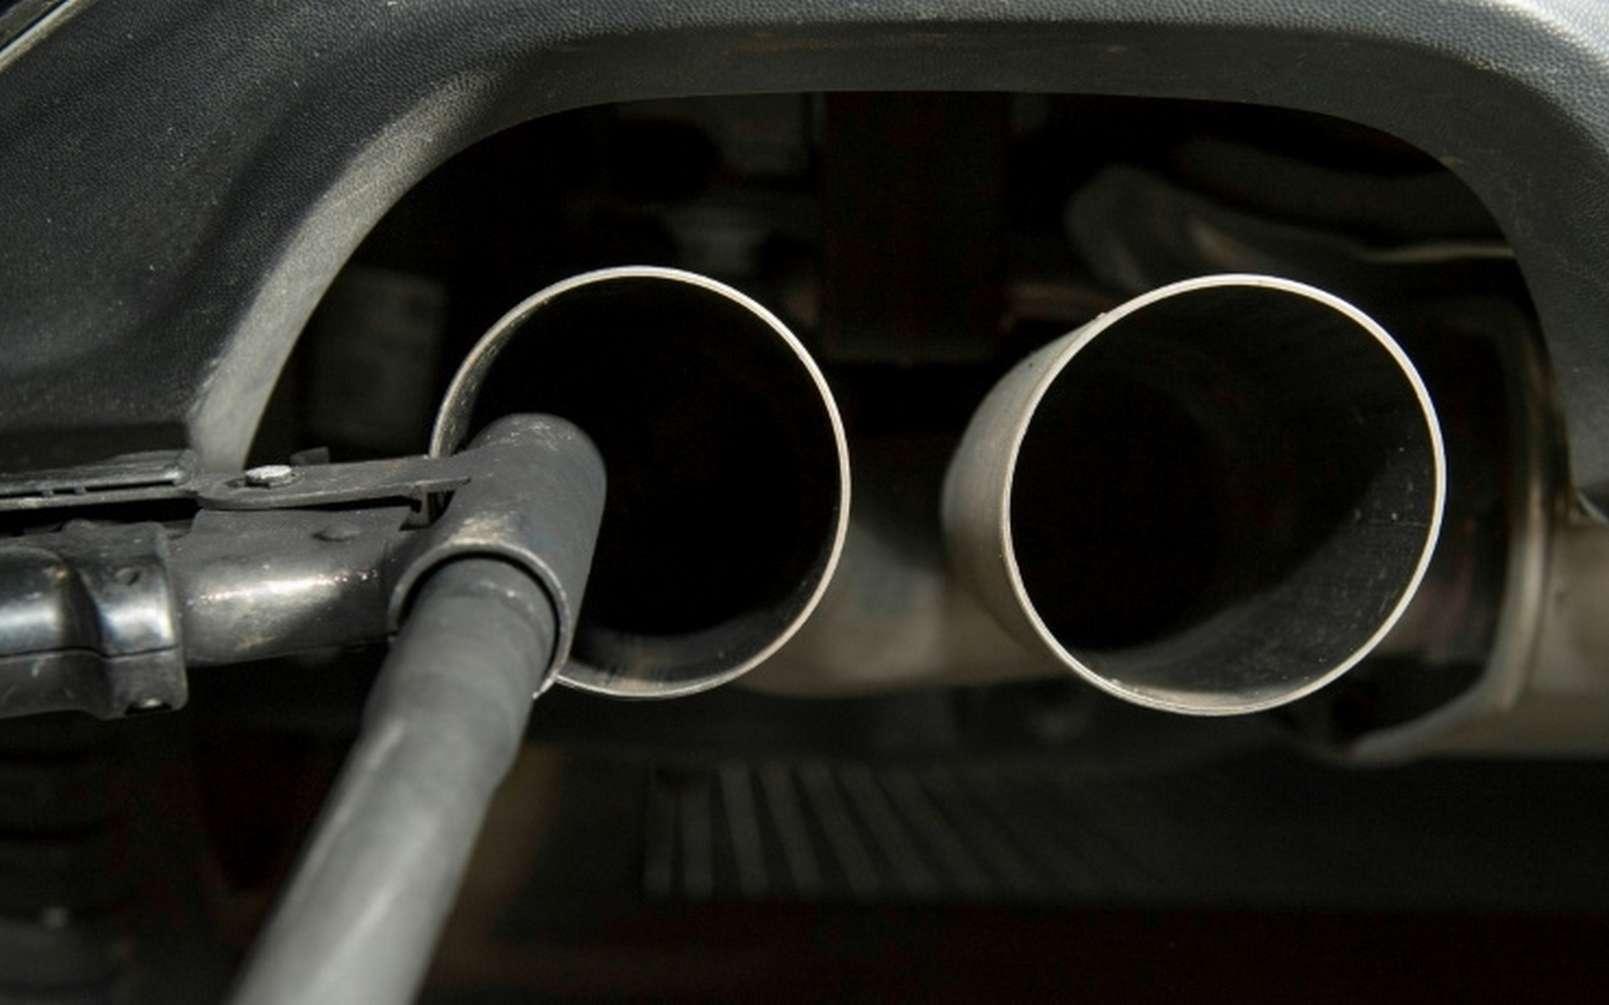 Les SUV, 4x4 urbains très populaires, ont été la deuxième source d'augmentation des émissions de dioxyde de carbone (CO2) dans le monde entre 2010 et 2018 © Thomas Kienzle, AFP, Archives